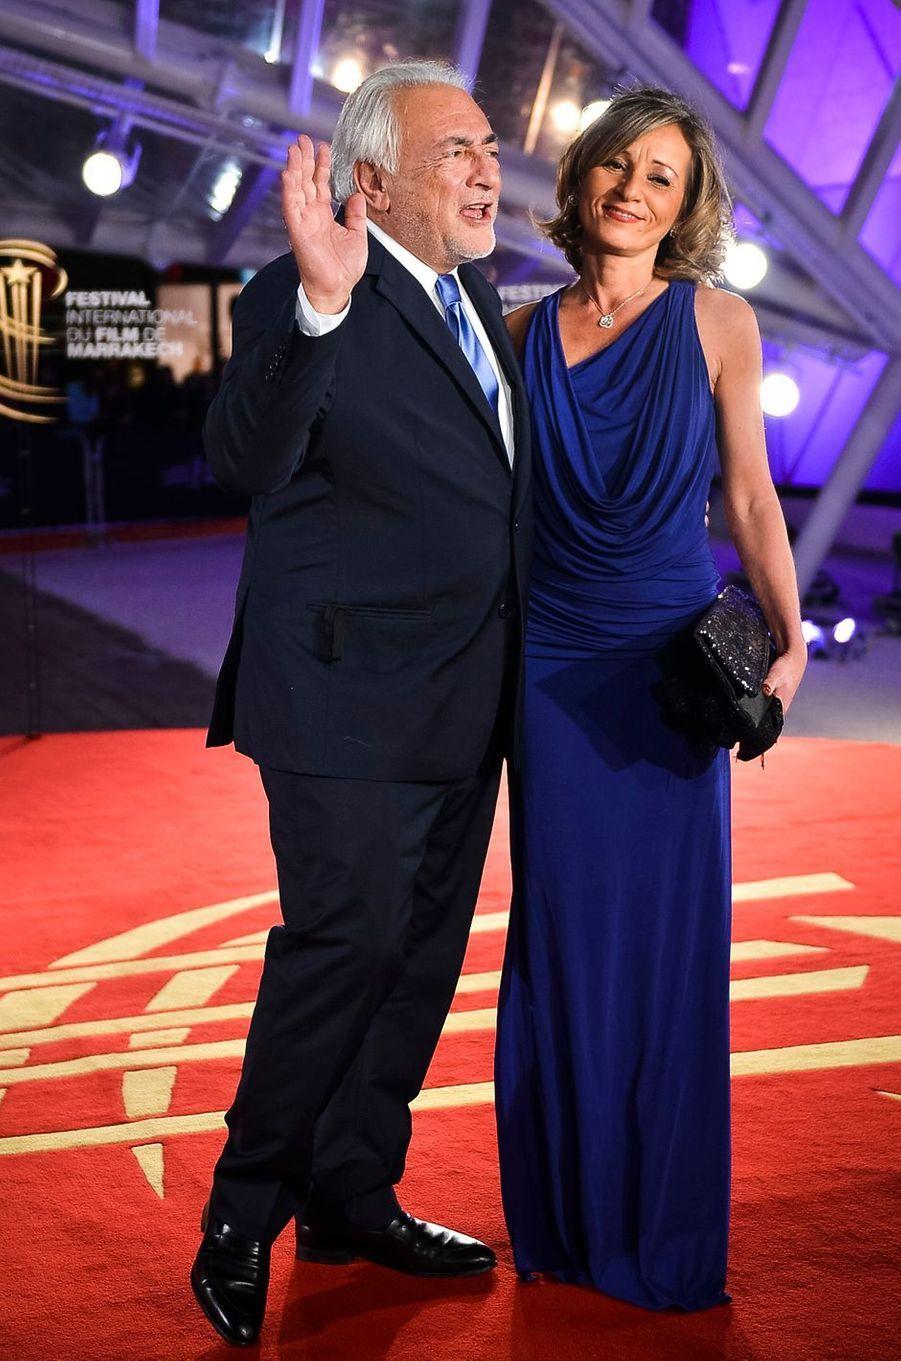 Dominique Strauss-Kahn au bras de sa compagne Myriam L'Aouffir.